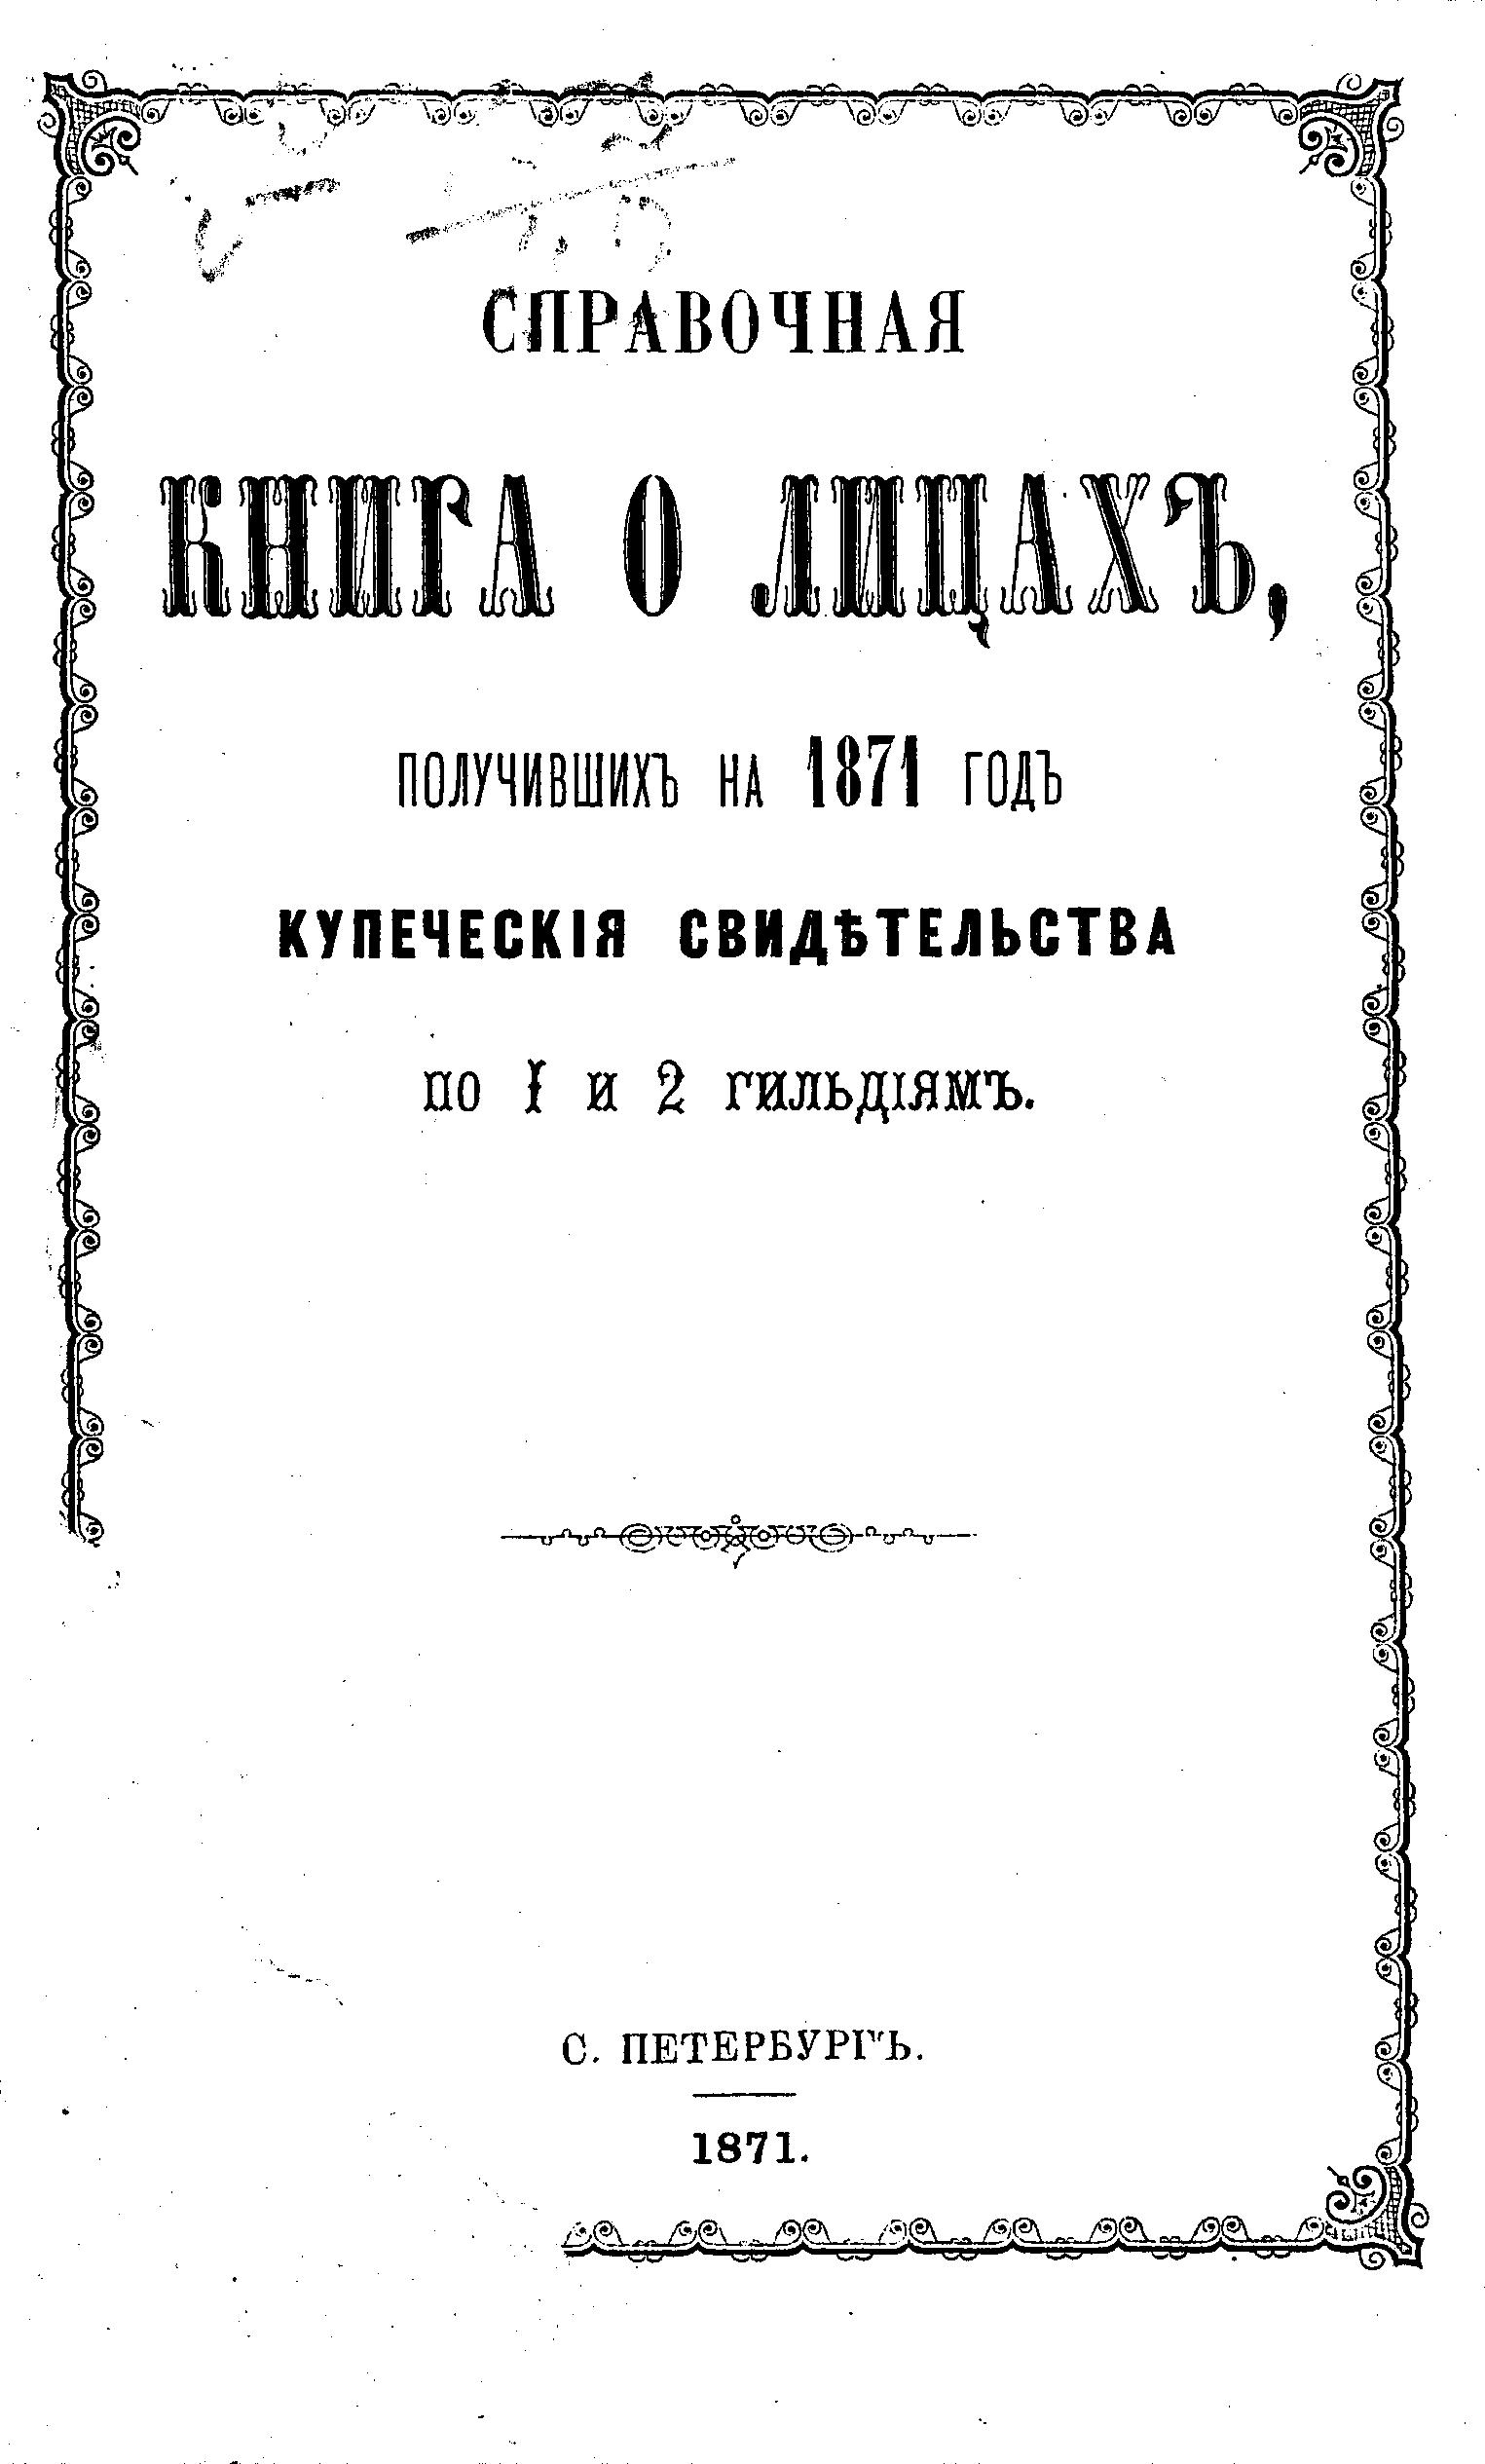 Коллектив авторов Справочная книга о купцах С.-Петербурга на 1871 год цена